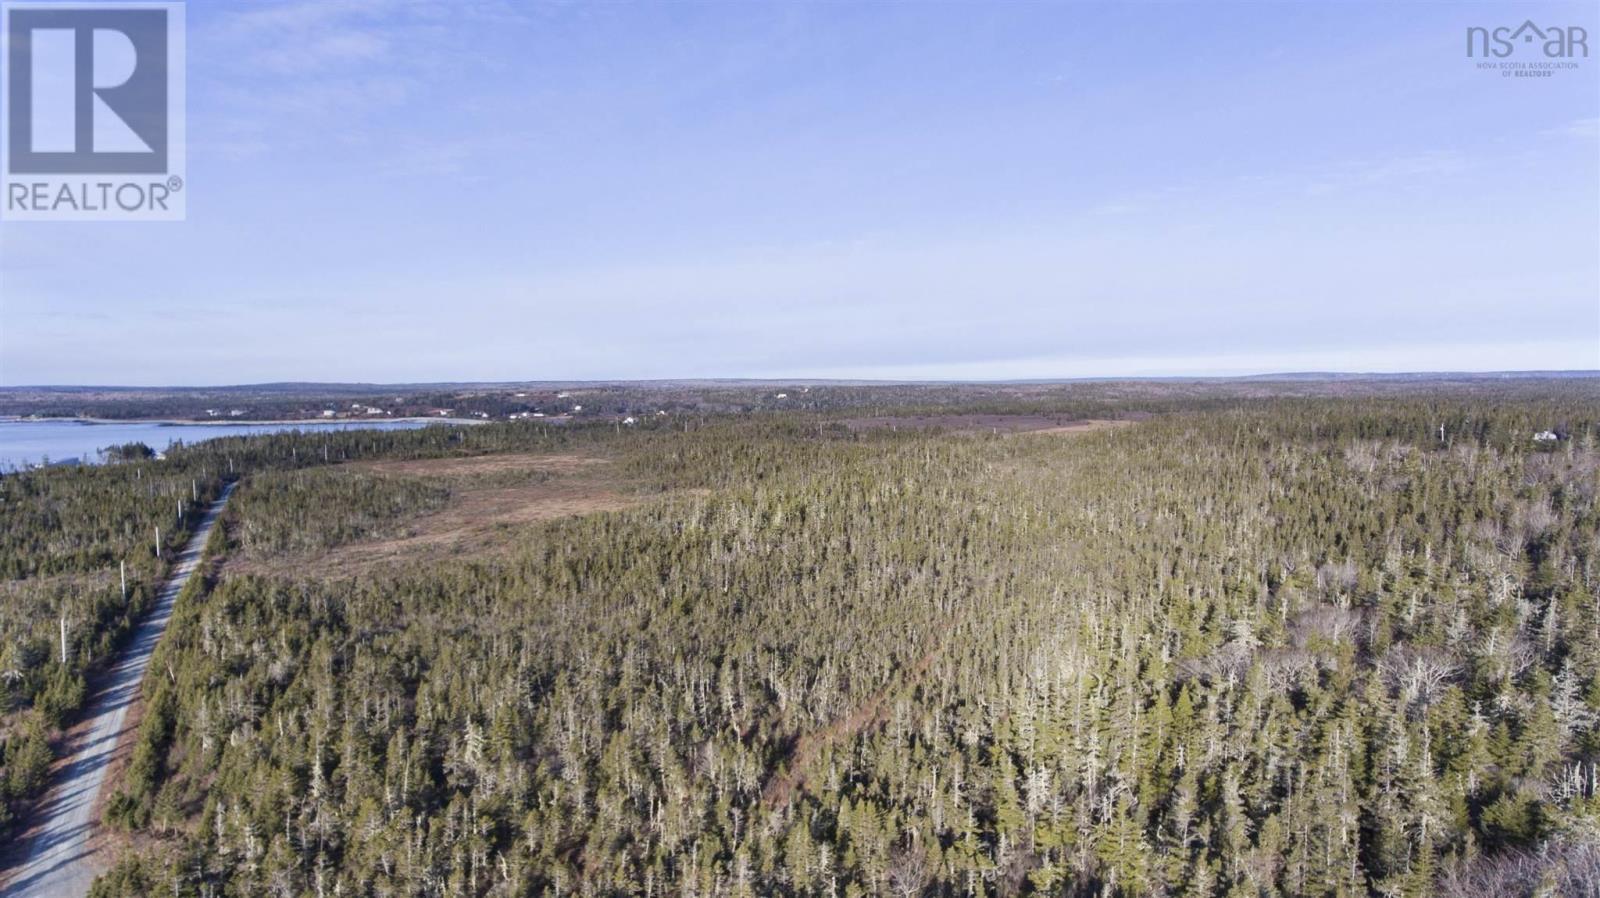 Lot 4-3 Pierce Point Road, Western Head, Nova Scotia  B0T 1G0 - Photo 3 - 202120654